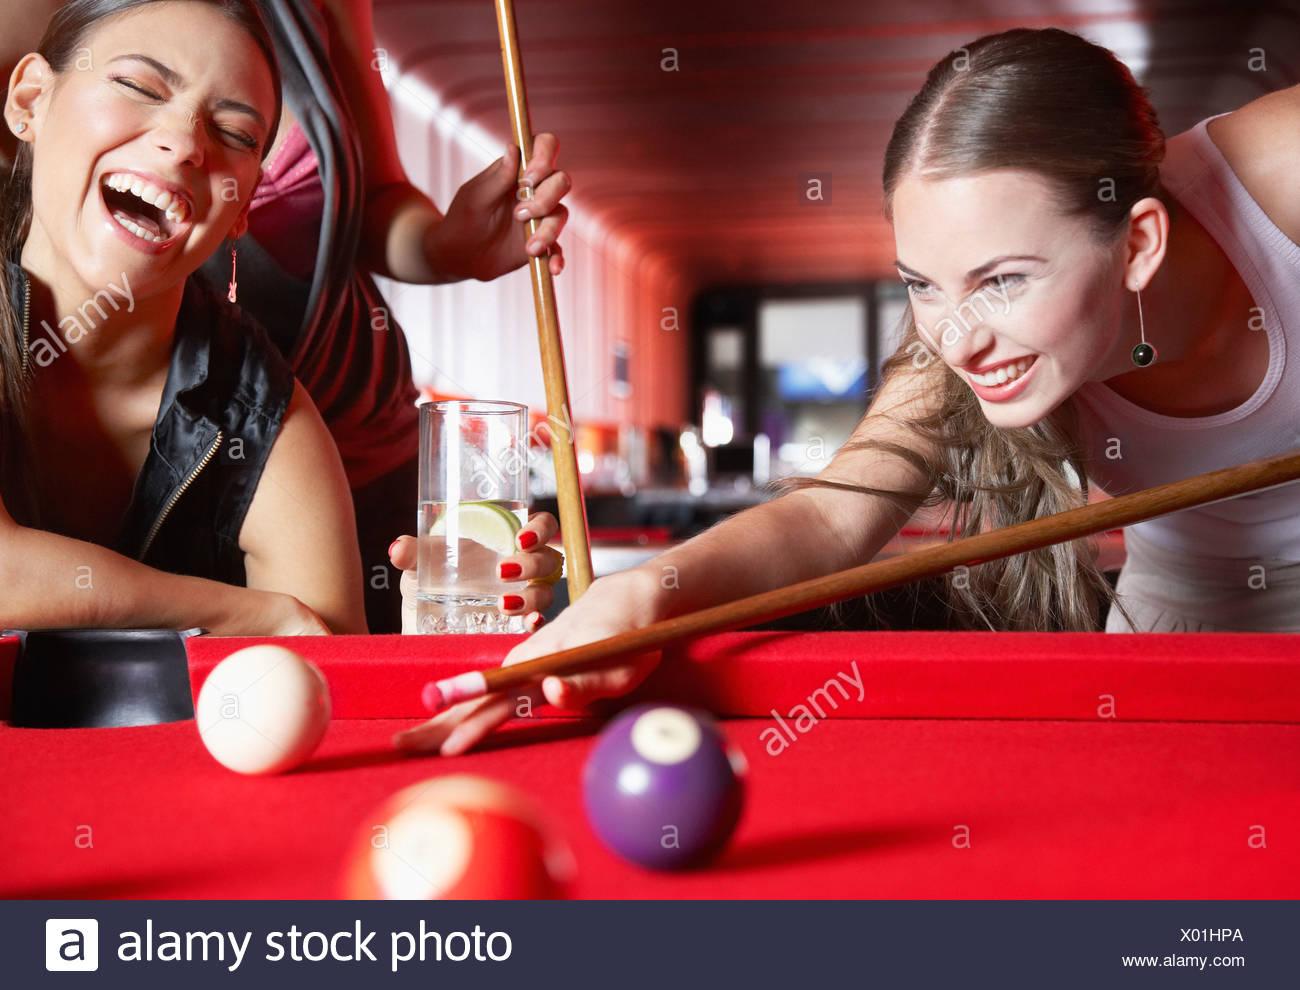 Tre donne giocando a biliardo e ridere Immagini Stock